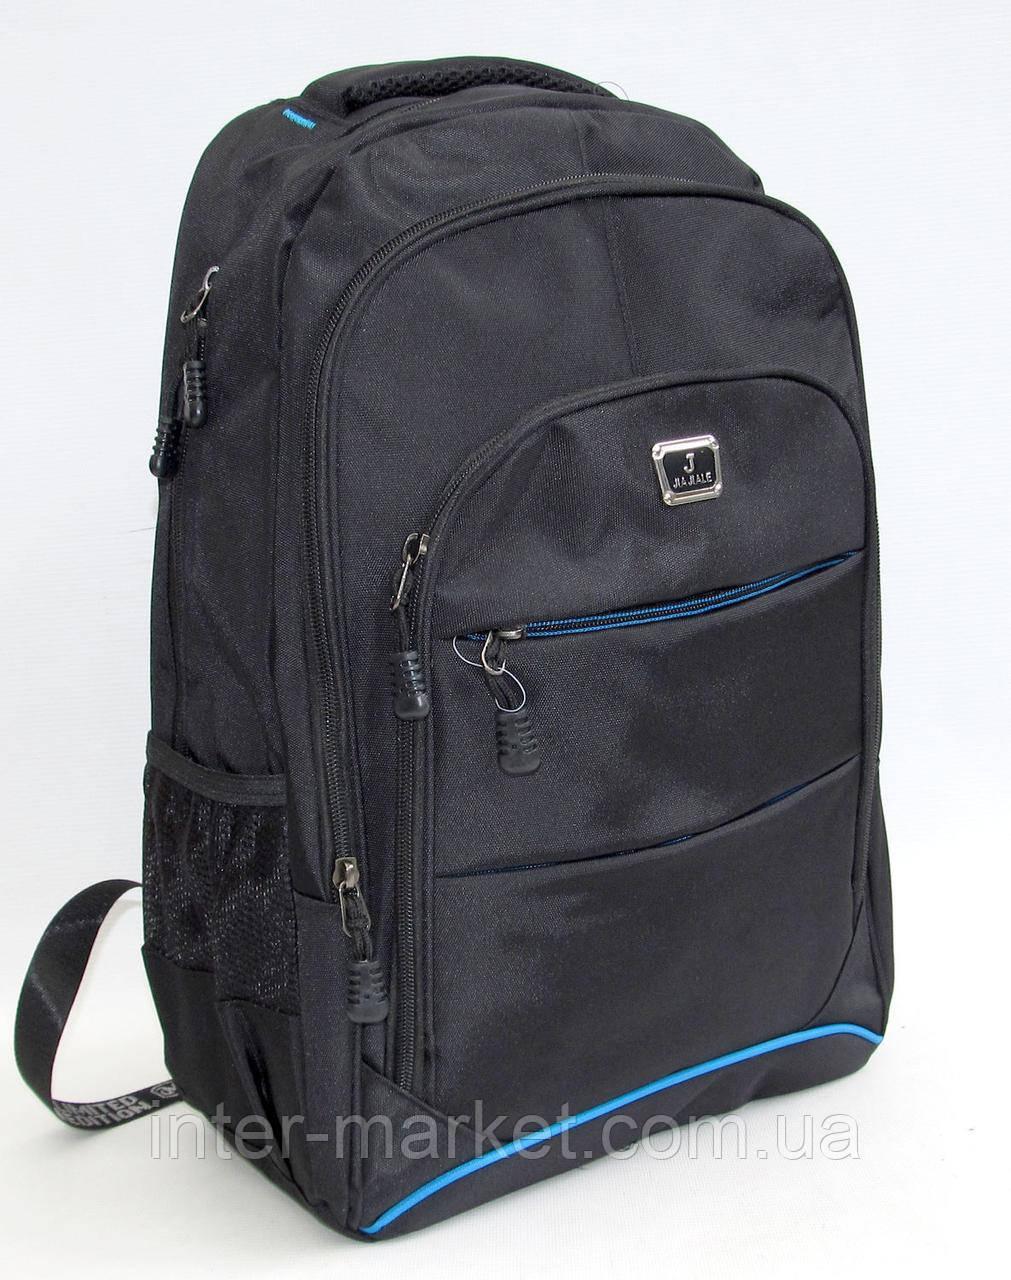 Универсальный городской рюкзак JJL, фото 1